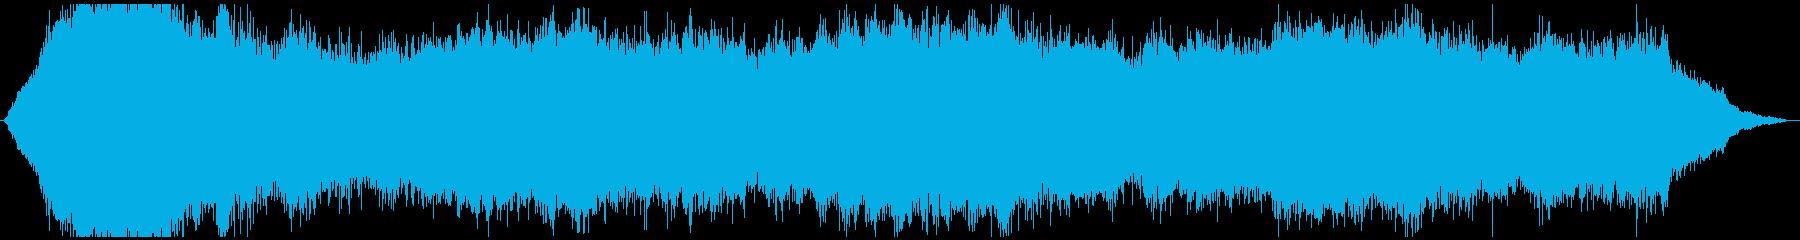 ドローン ゲイツ01の再生済みの波形